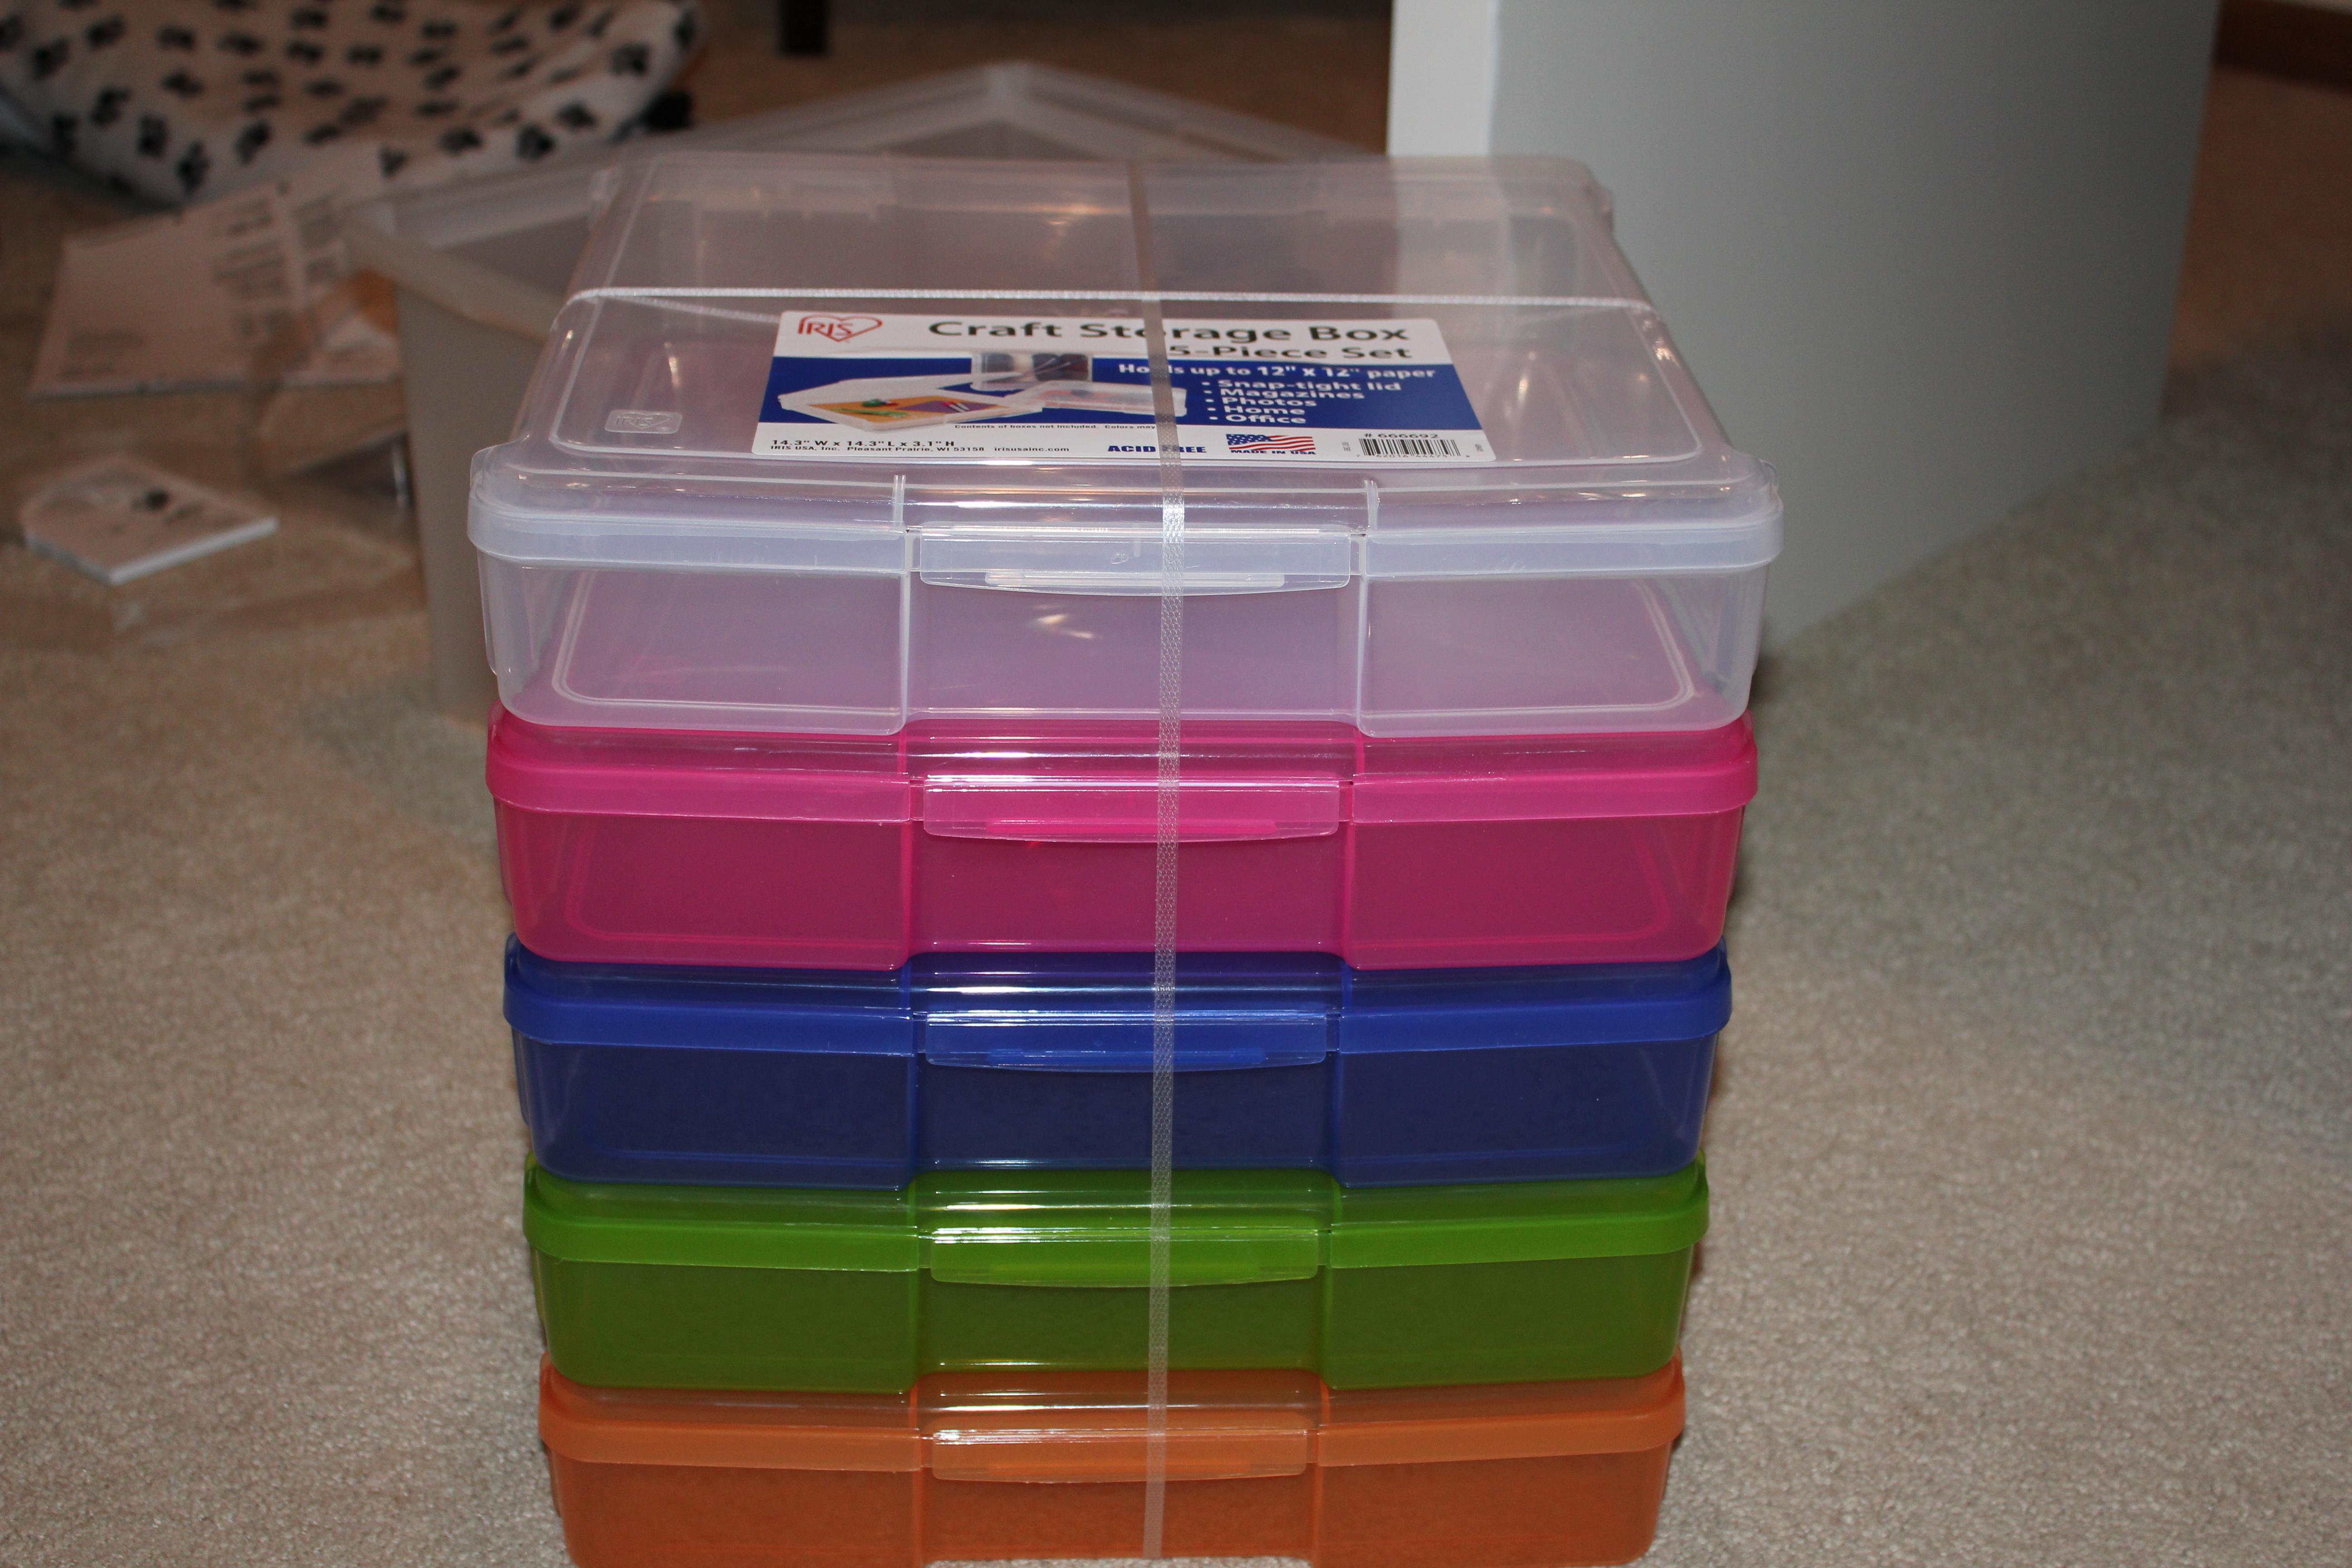 Costco Storage Containers Listitdallas